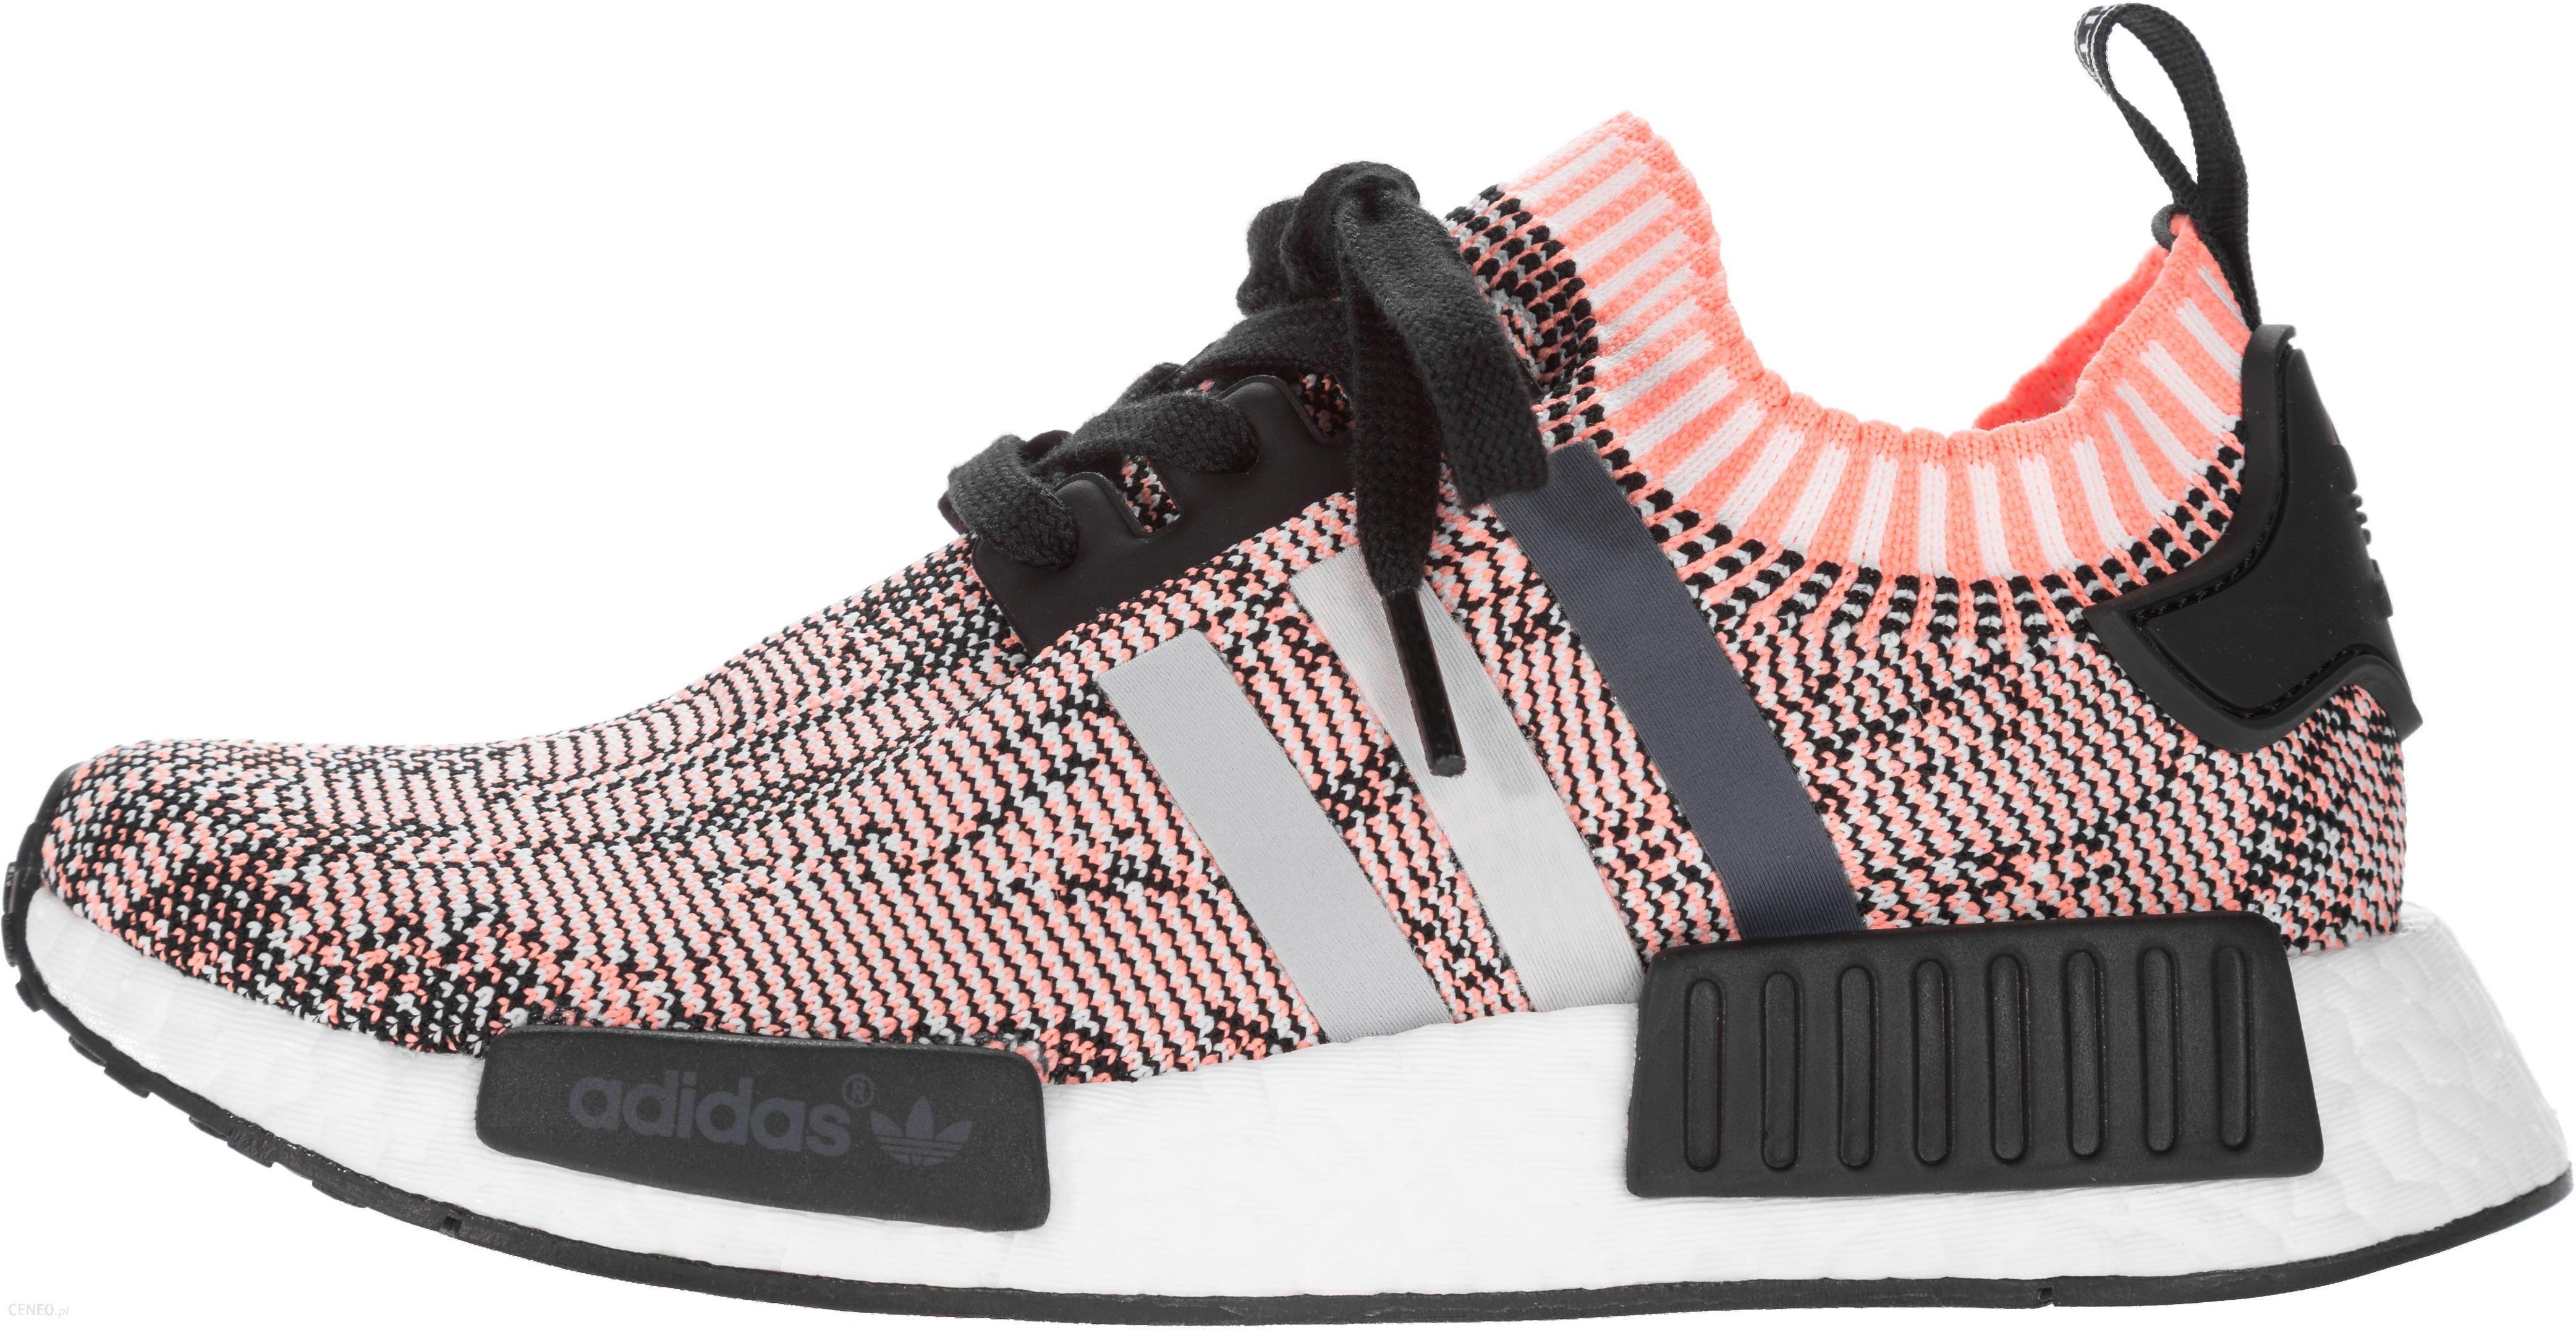 adidas nmd rozowo czarne